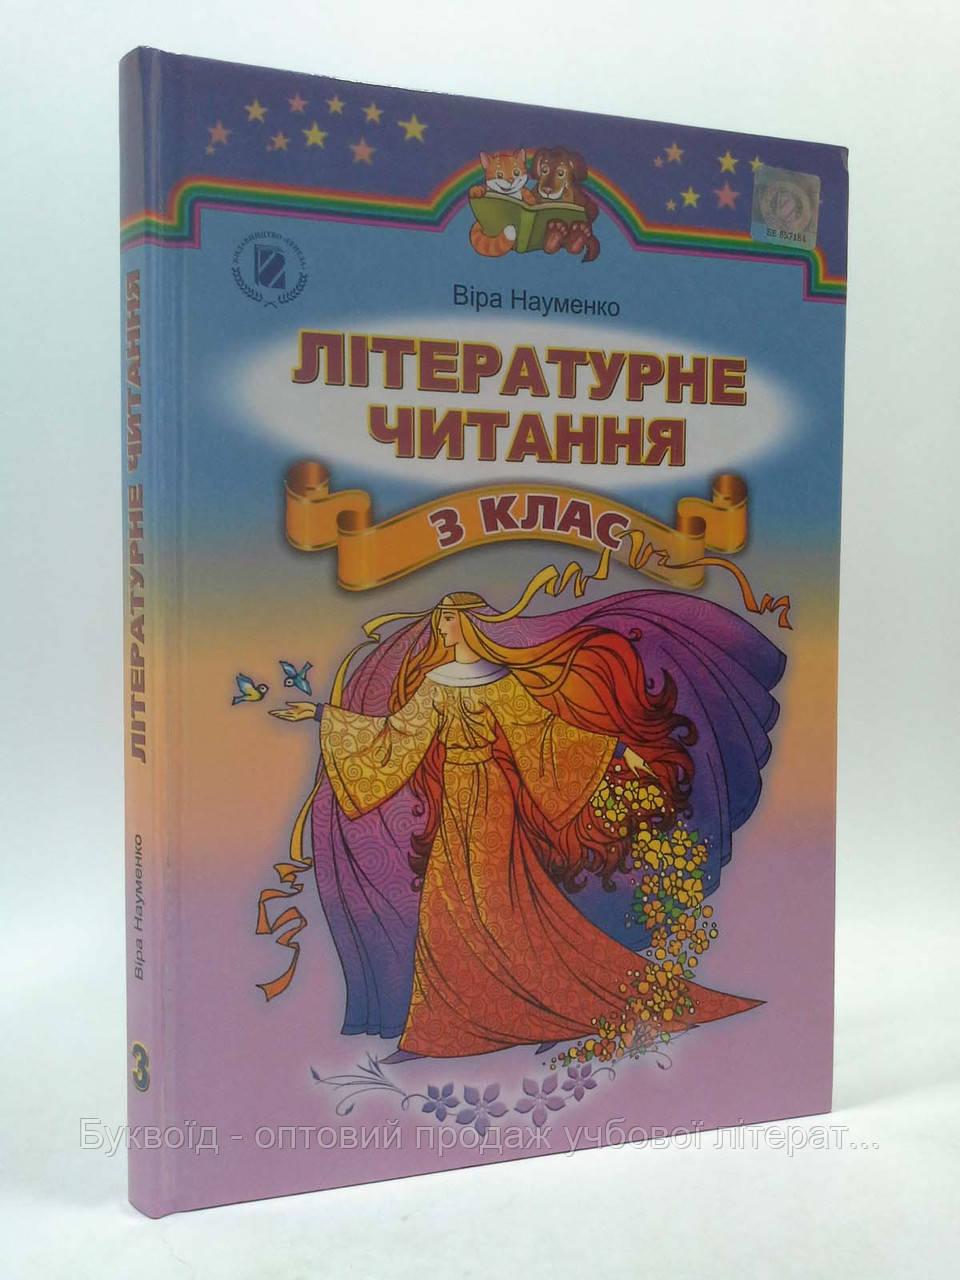 Літературне читання 3 клас Підручник Науменко Генеза ISBN 978-966-11-0329-9